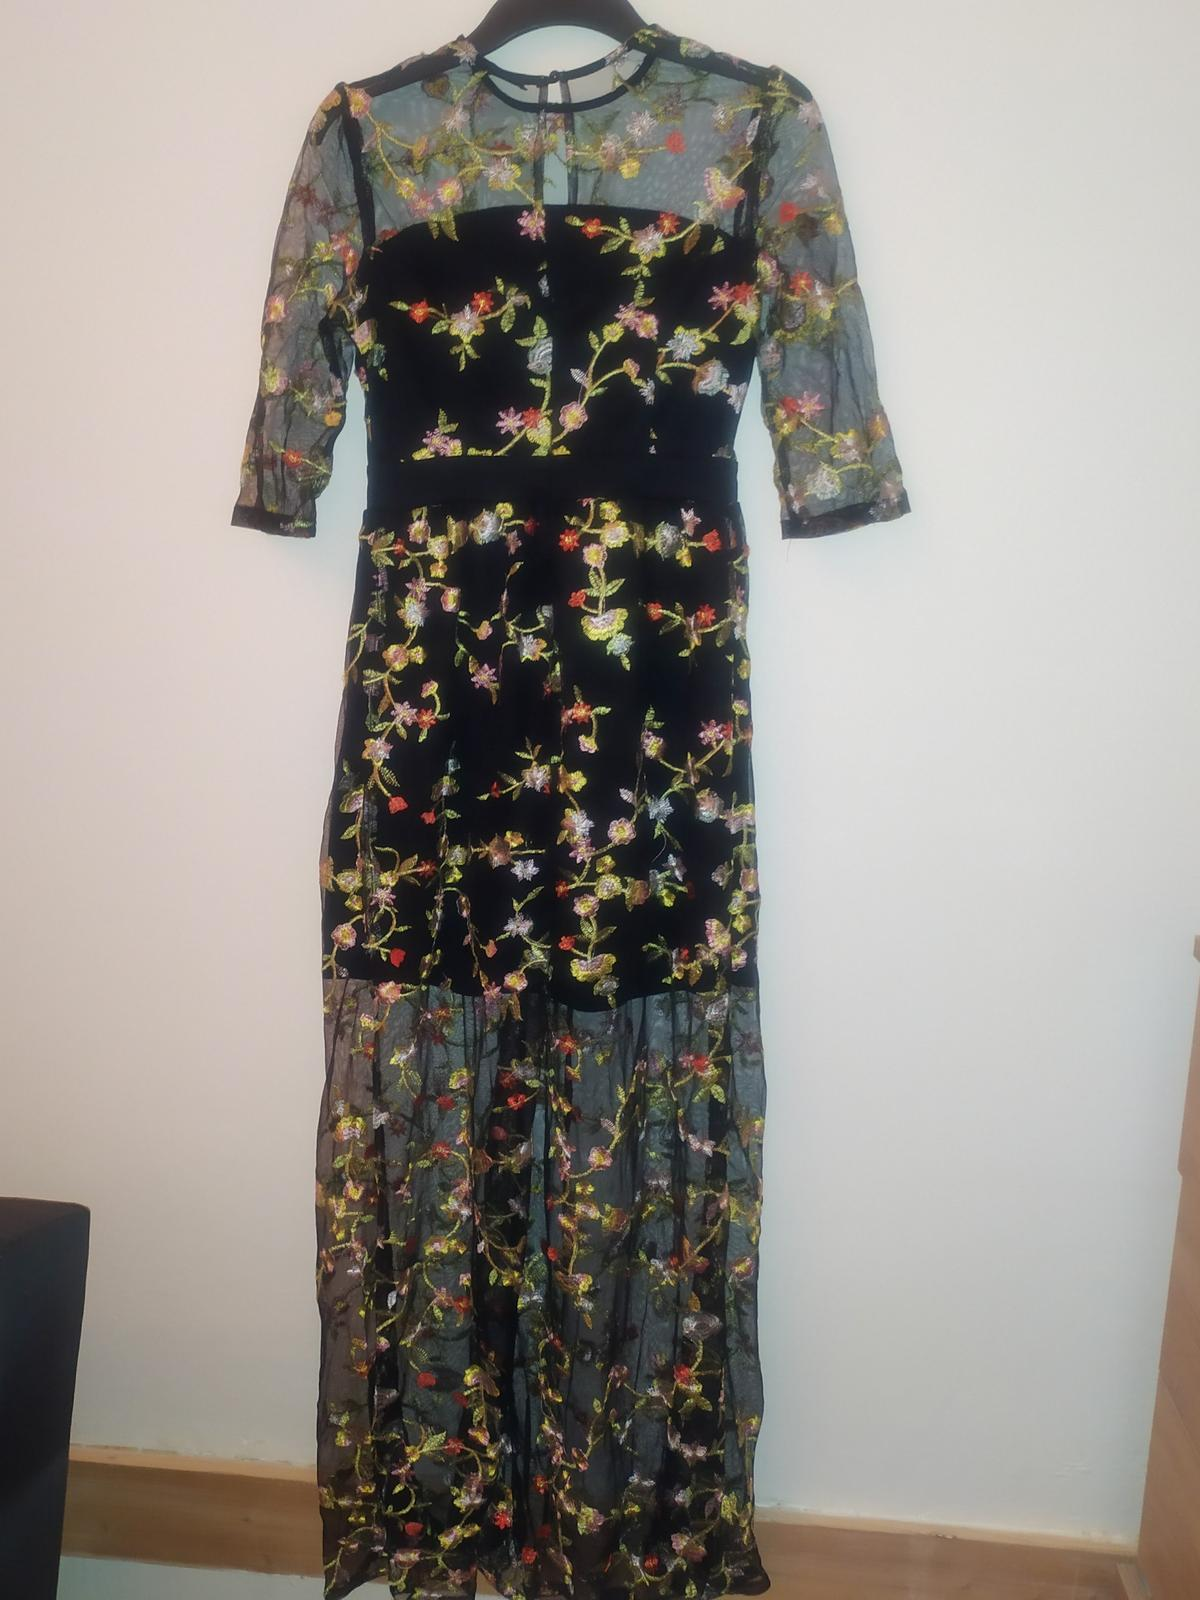 Maxi šaty černé s vyšívanými květinami - vel. S - Obrázek č. 3